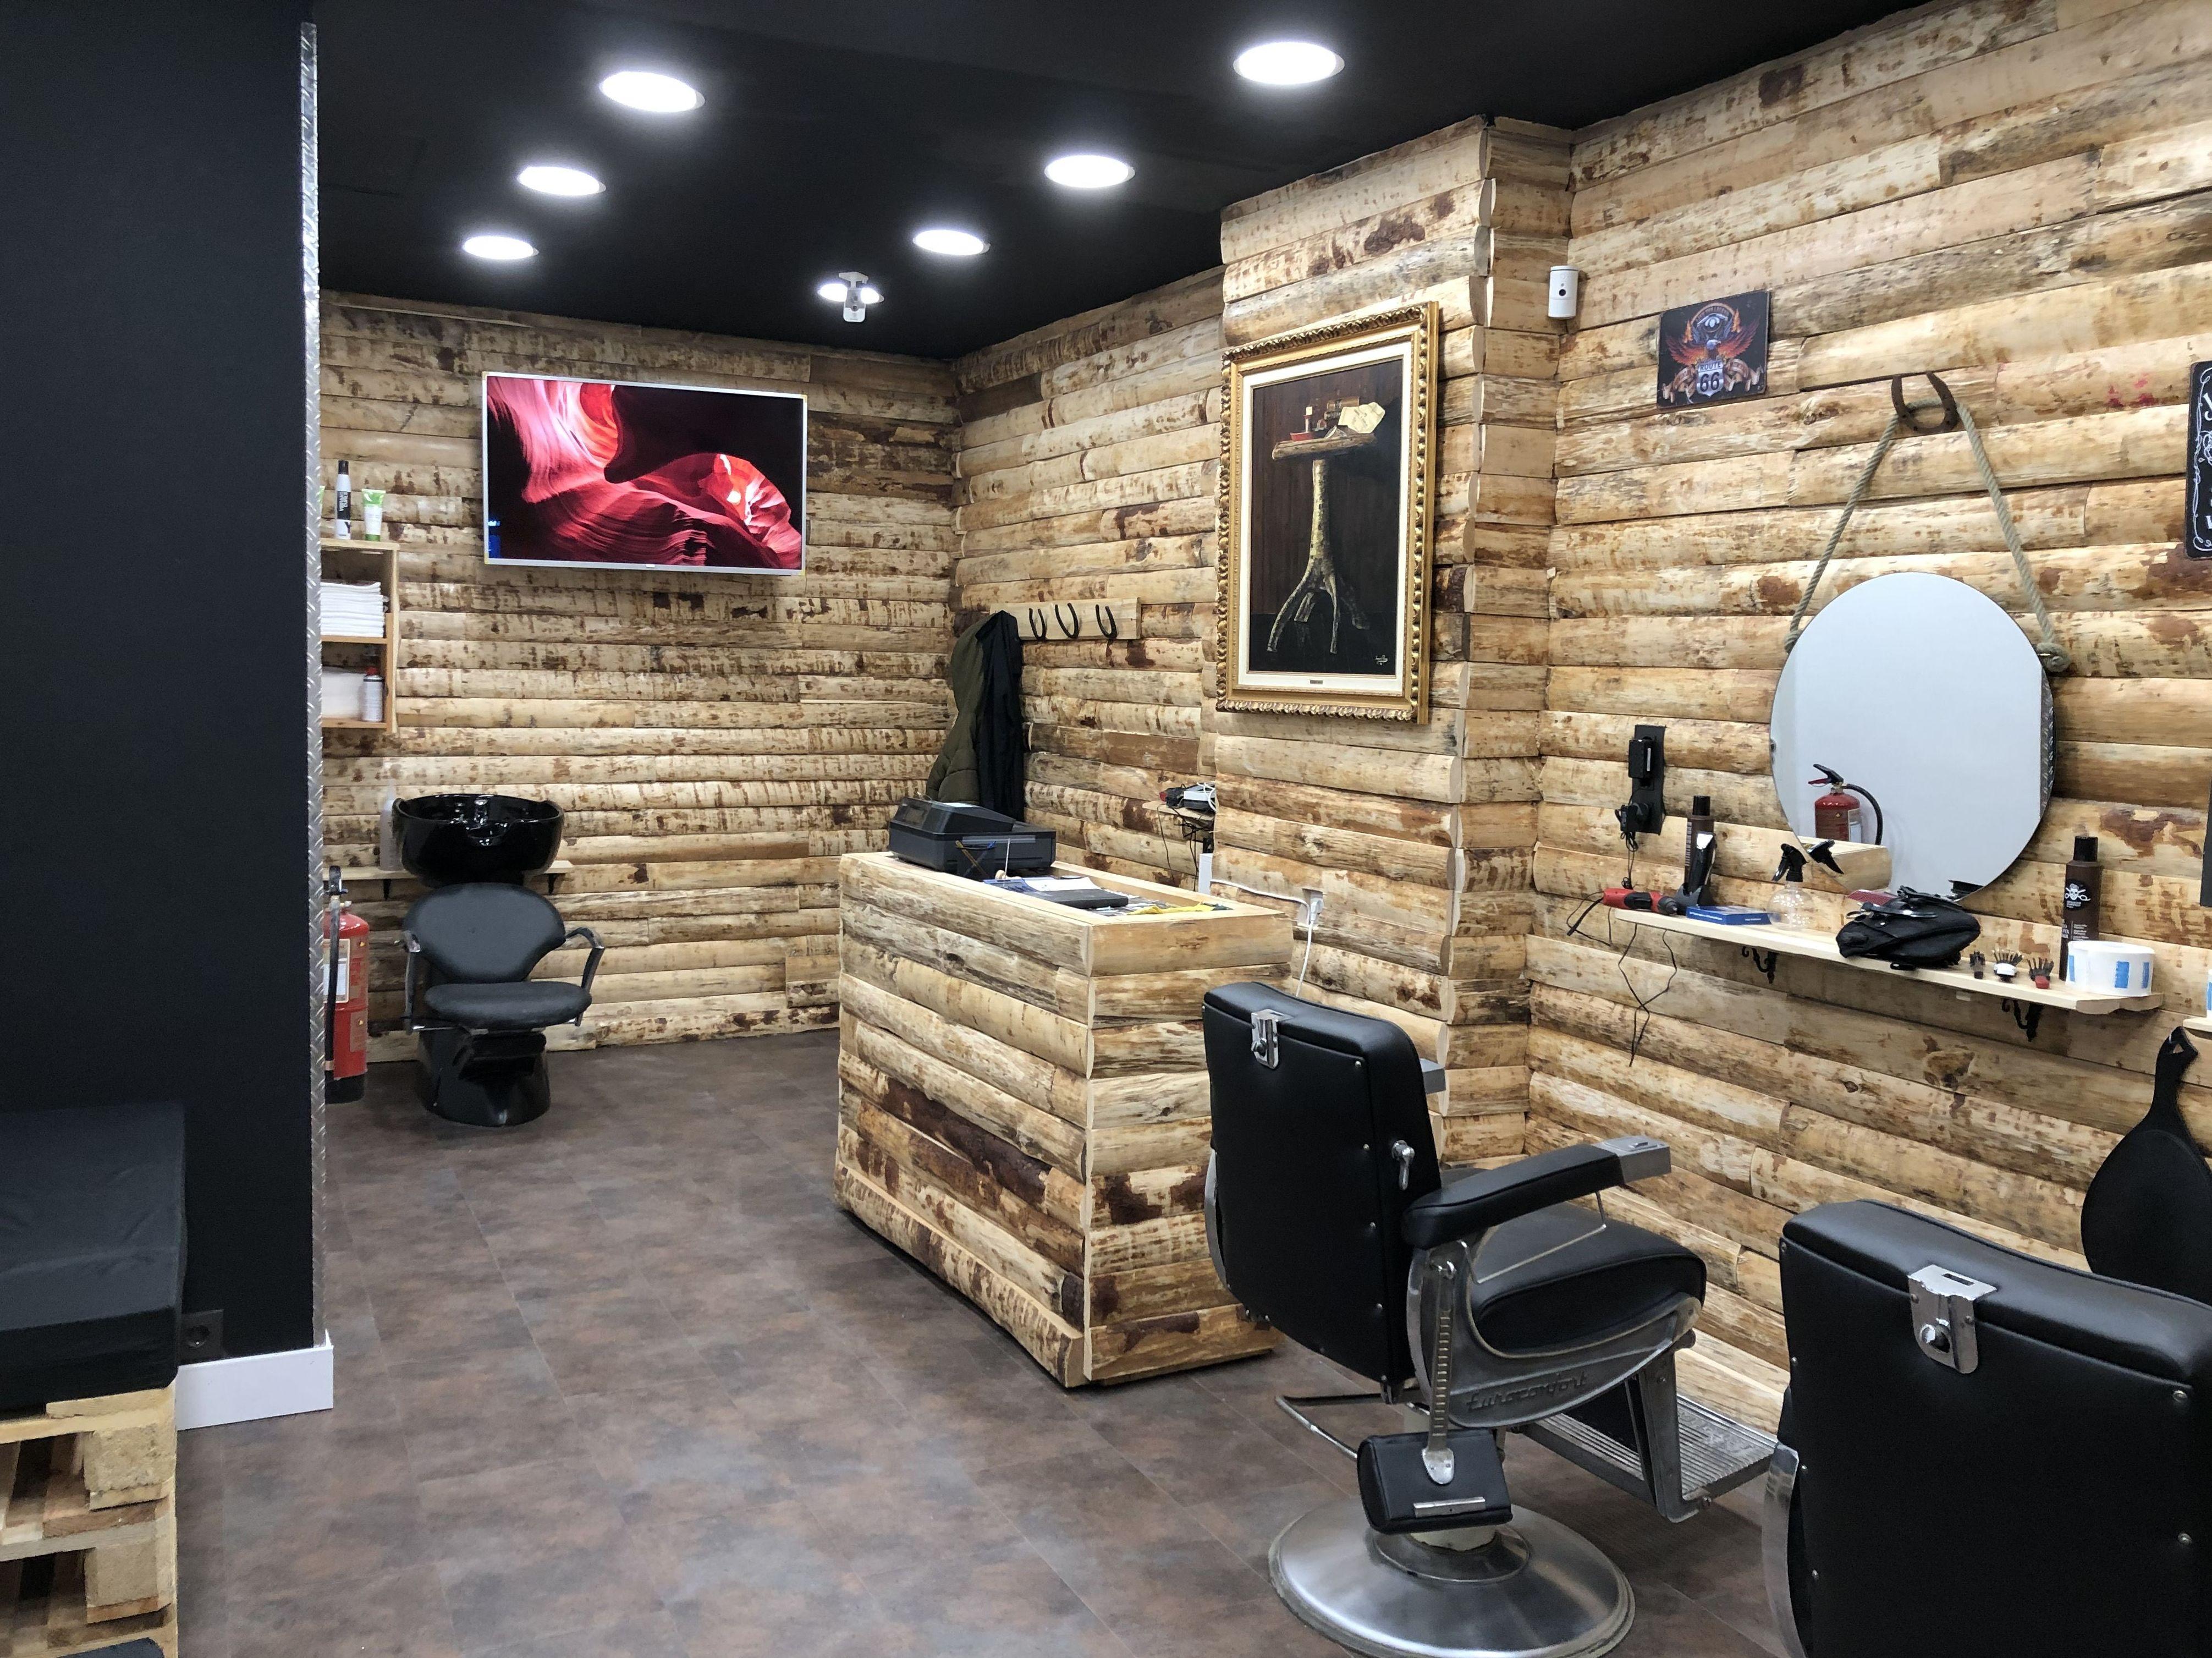 Peluquería y barbería low cost en Tres Cantos